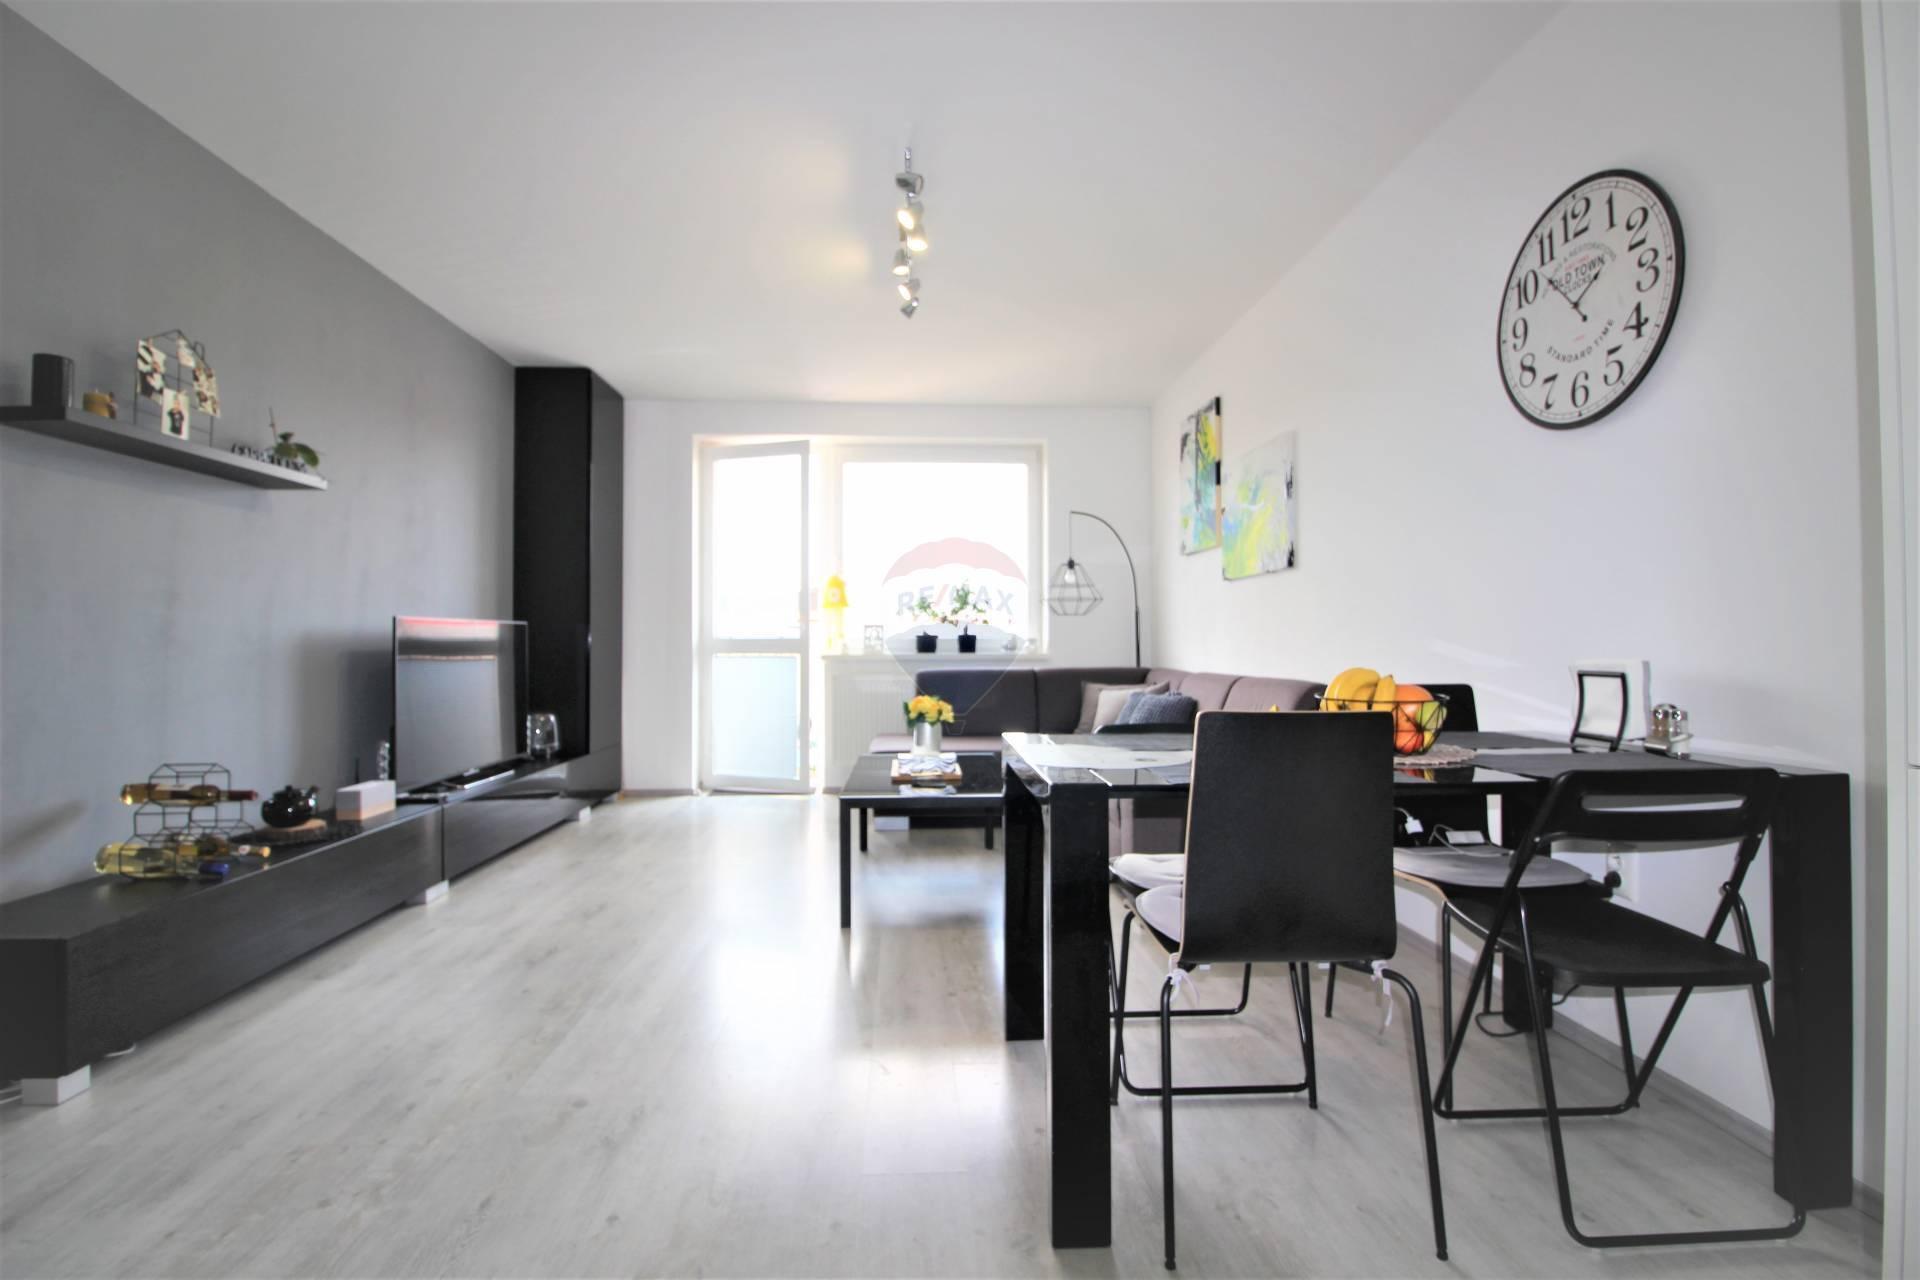 =RE/MAX= Na predaj novostavba, 4 ročný dvojizbový byt, 62 m2 + 3,6 m2 balkón